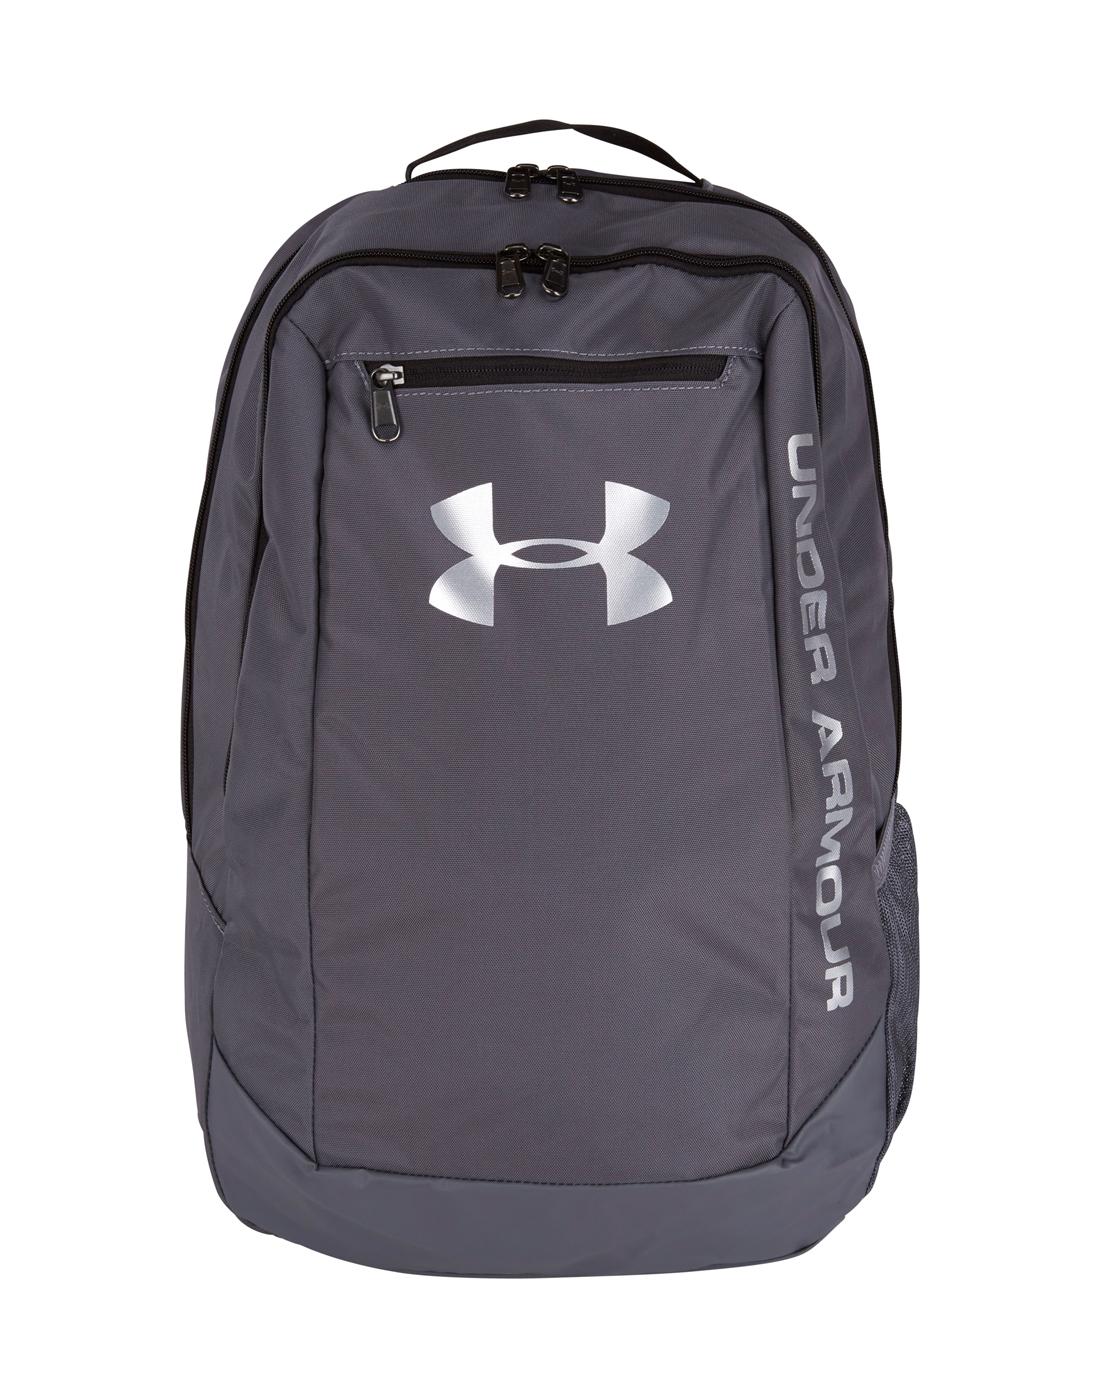 926968542f Under Armour. Hustle Lite Backpack. Hustle Lite Backpack ...